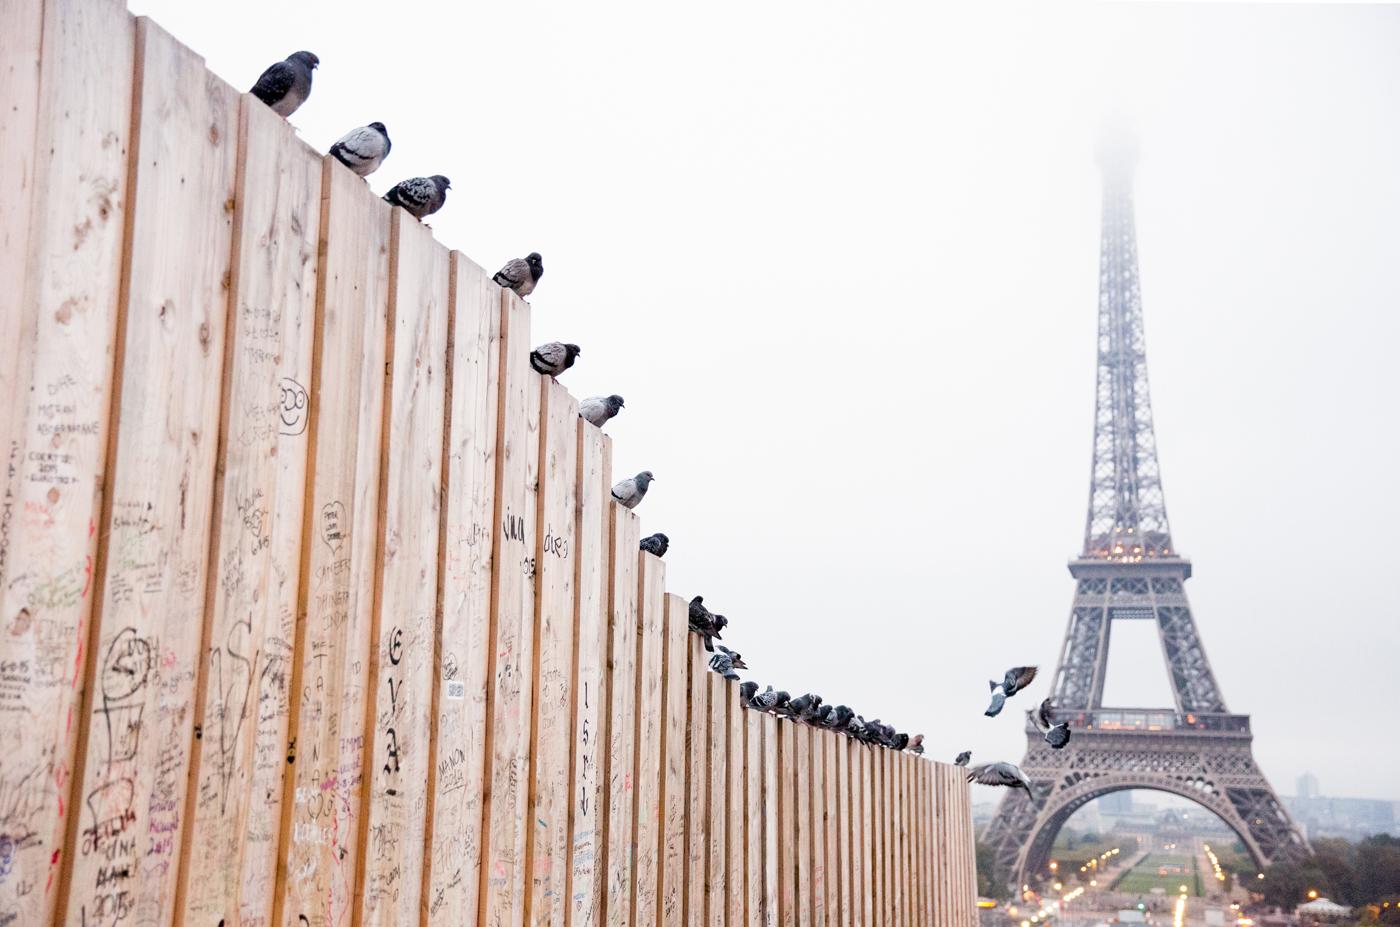 'Autumn Dawn in Paris' by Marissa Gifford